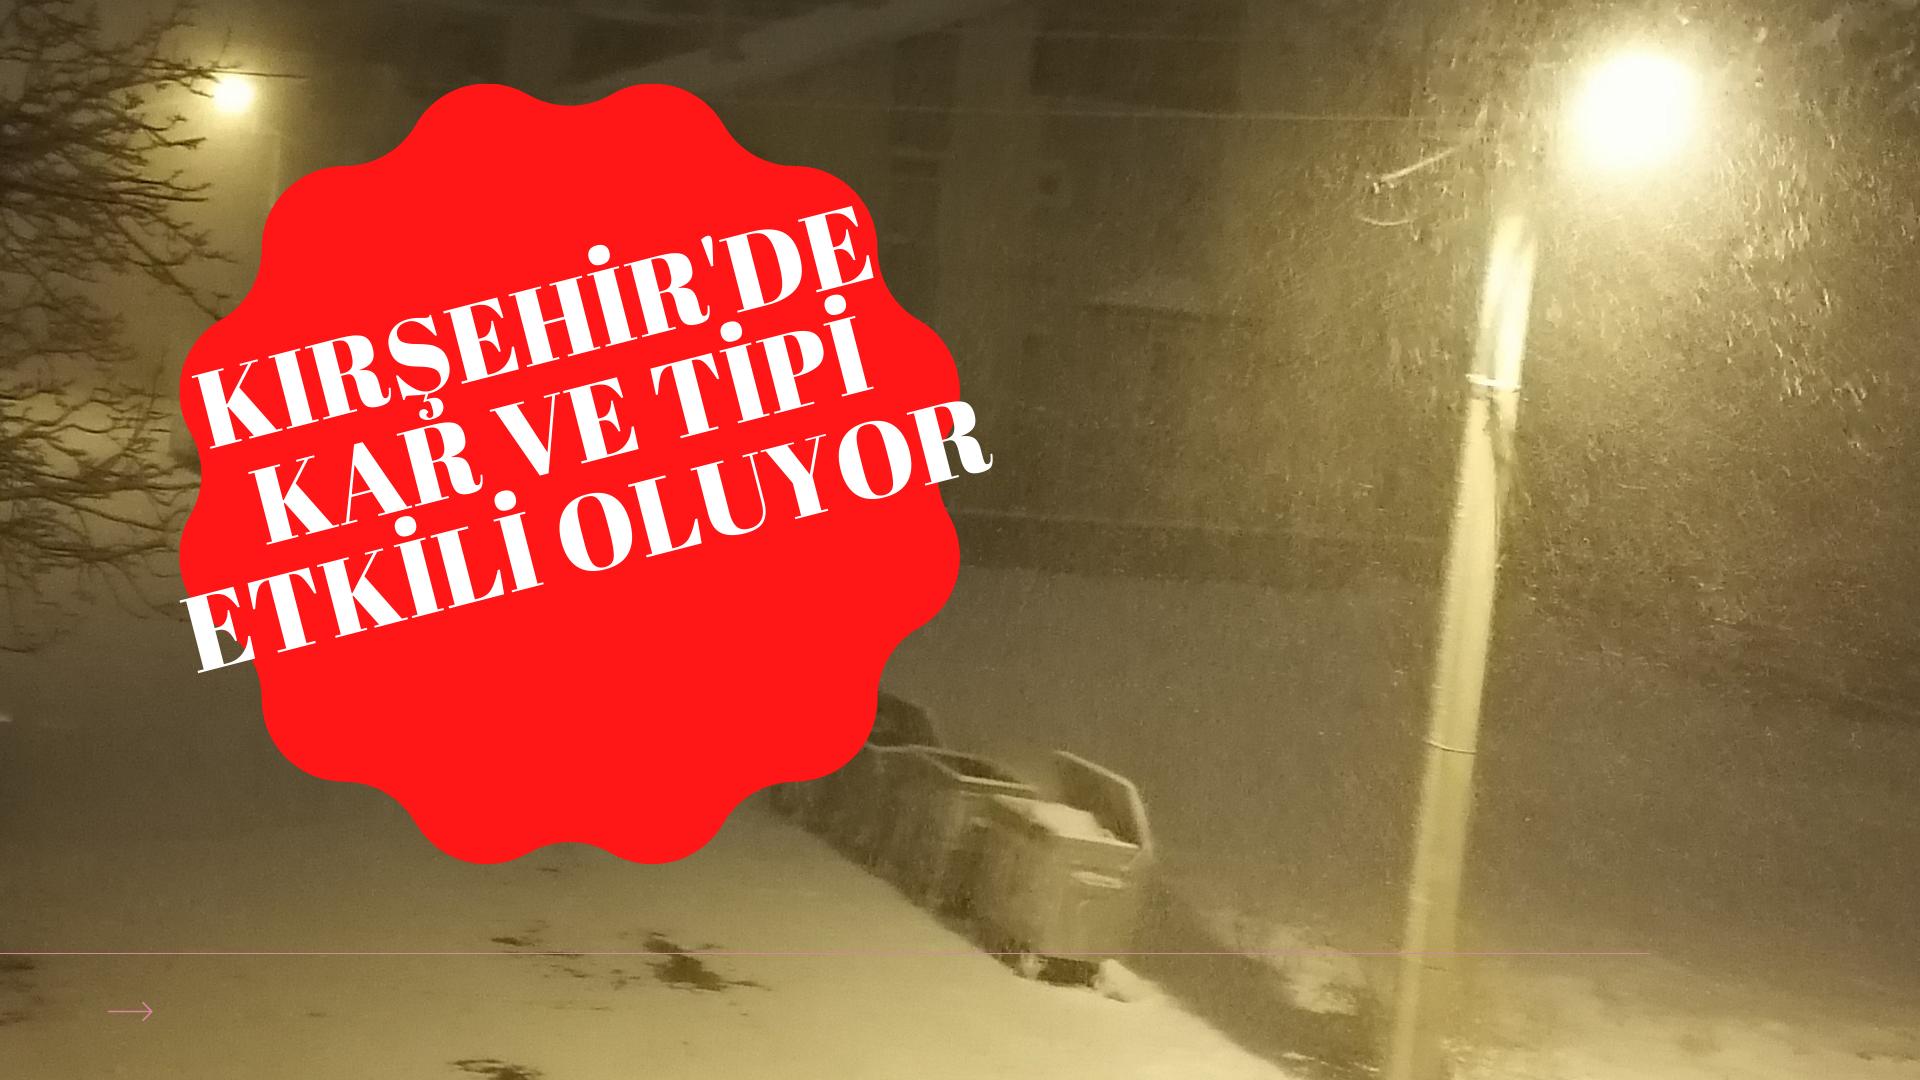 Kırşehir'de kar ve tipi etkili oluyor